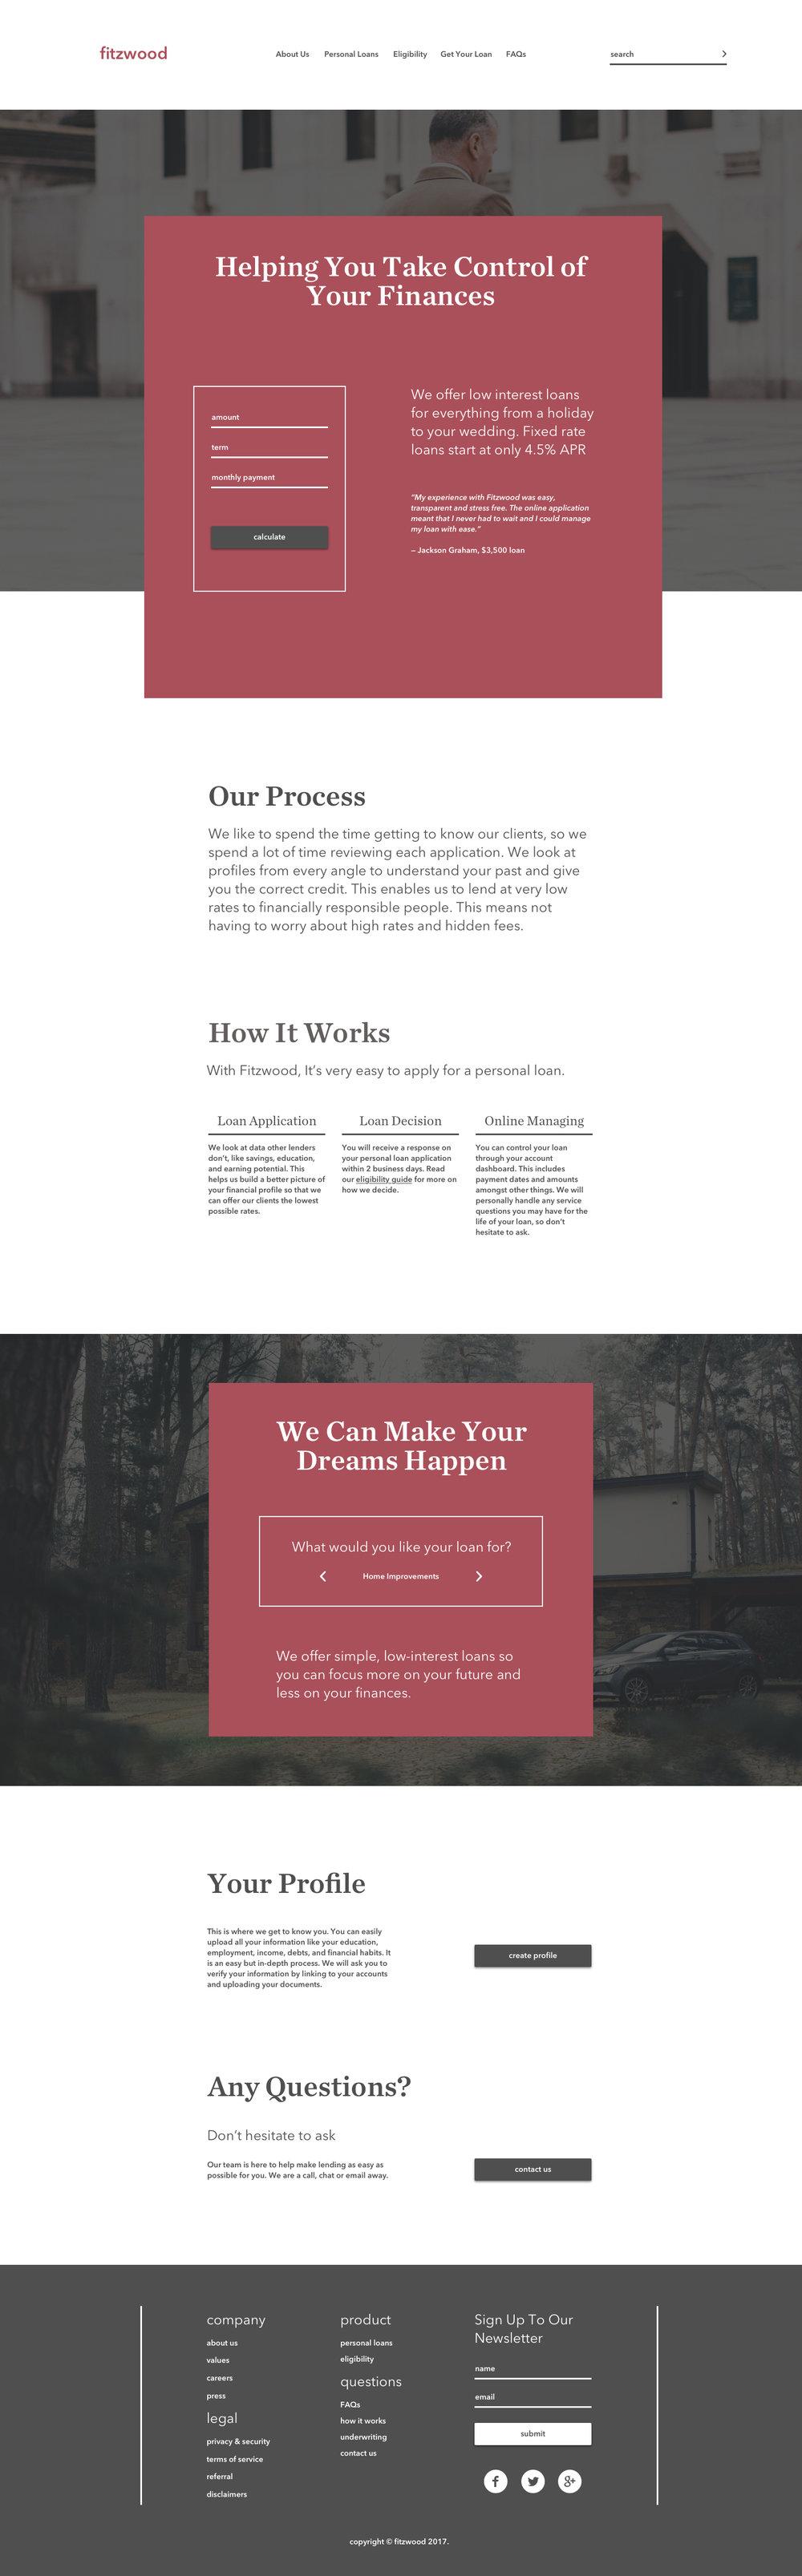 PersonalLoans_Website_Ben.jpg